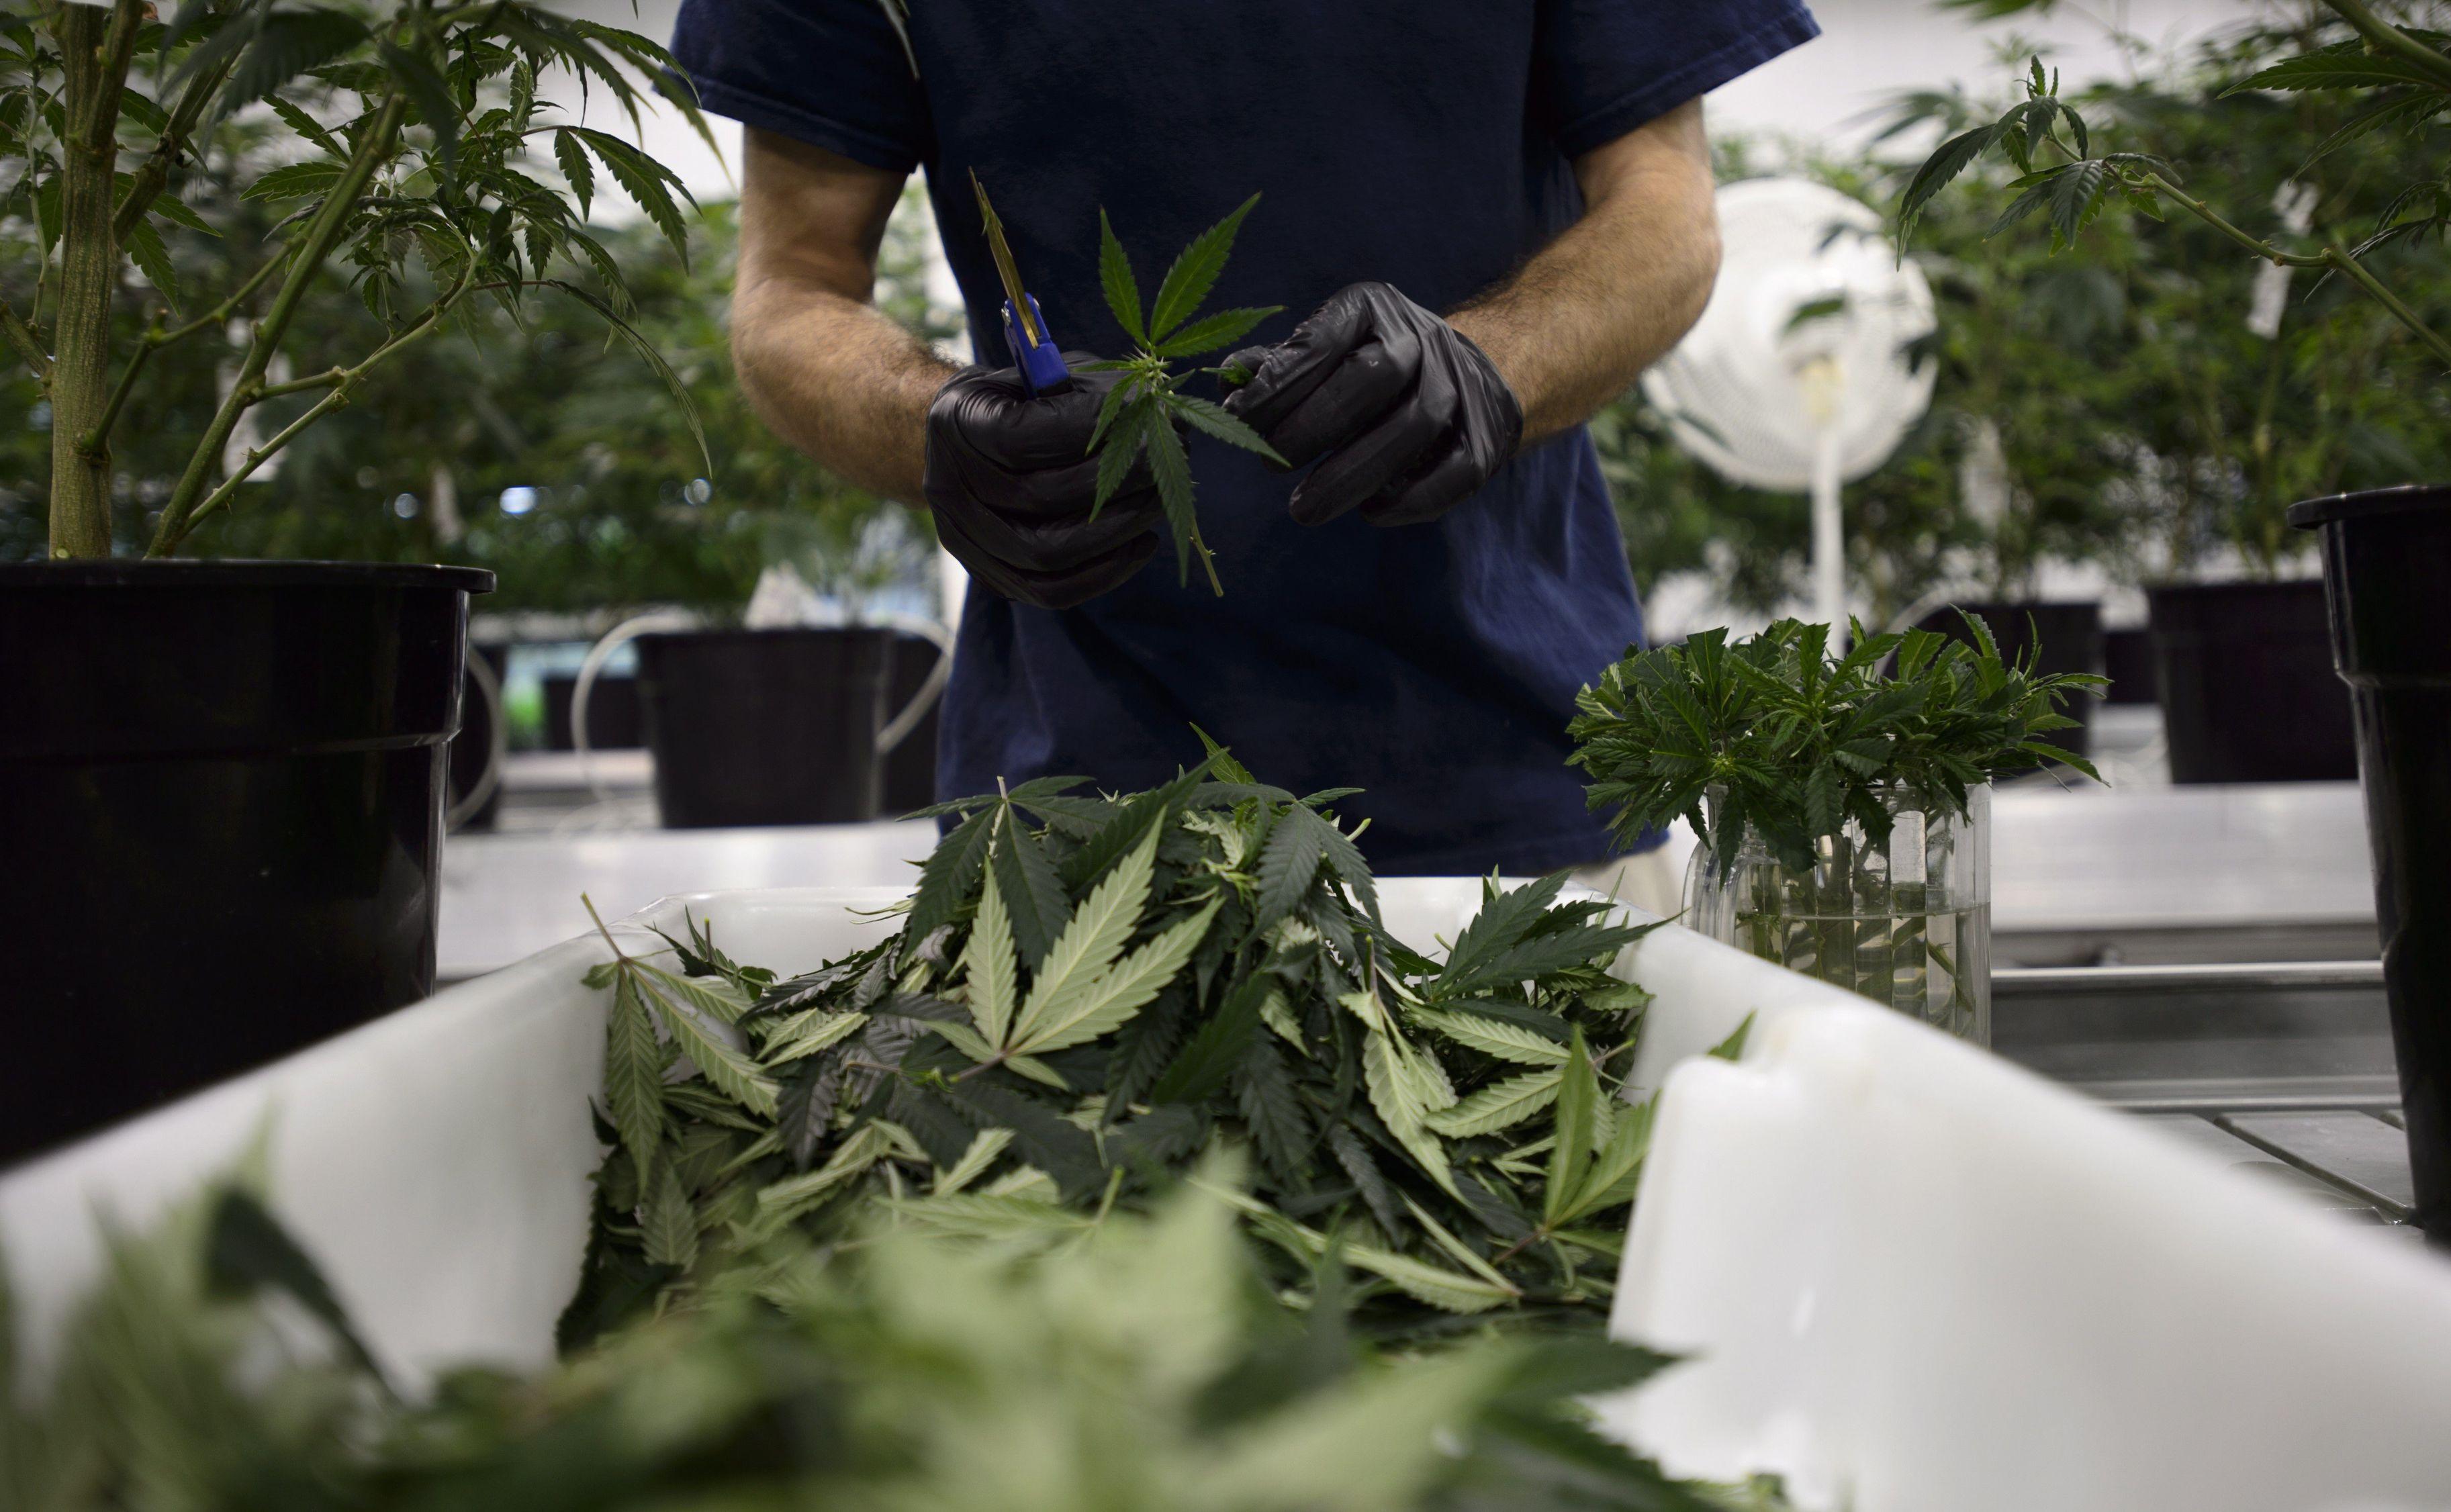 Учёные опровергли, что легализация марихуаны снижает количество преступлений